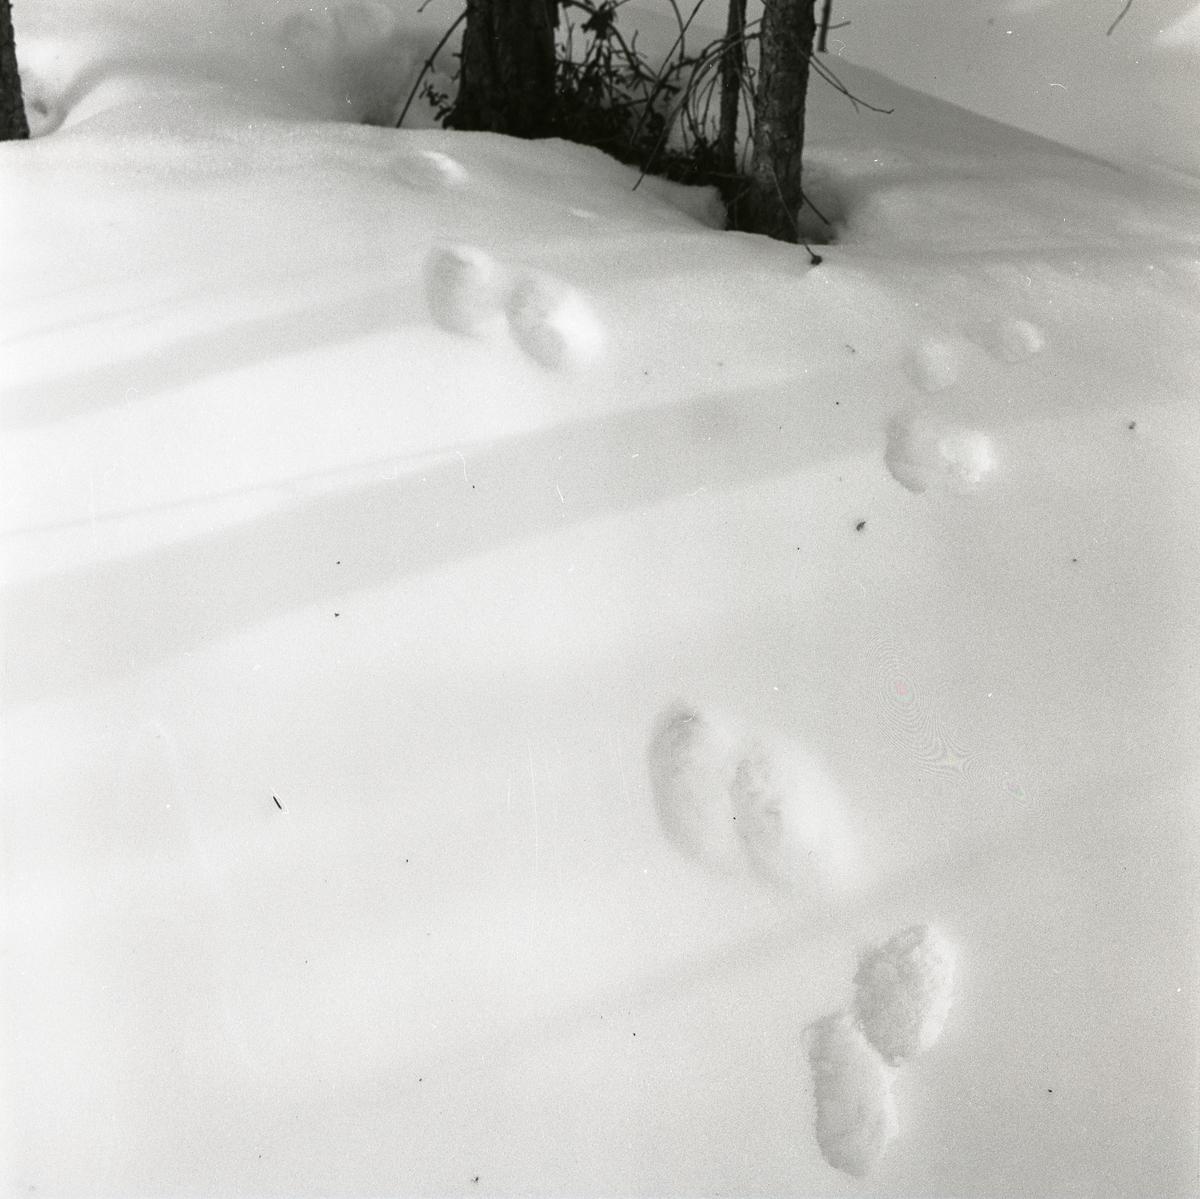 Djurspår i snön vid Lillhisjön, 6 april 1960.